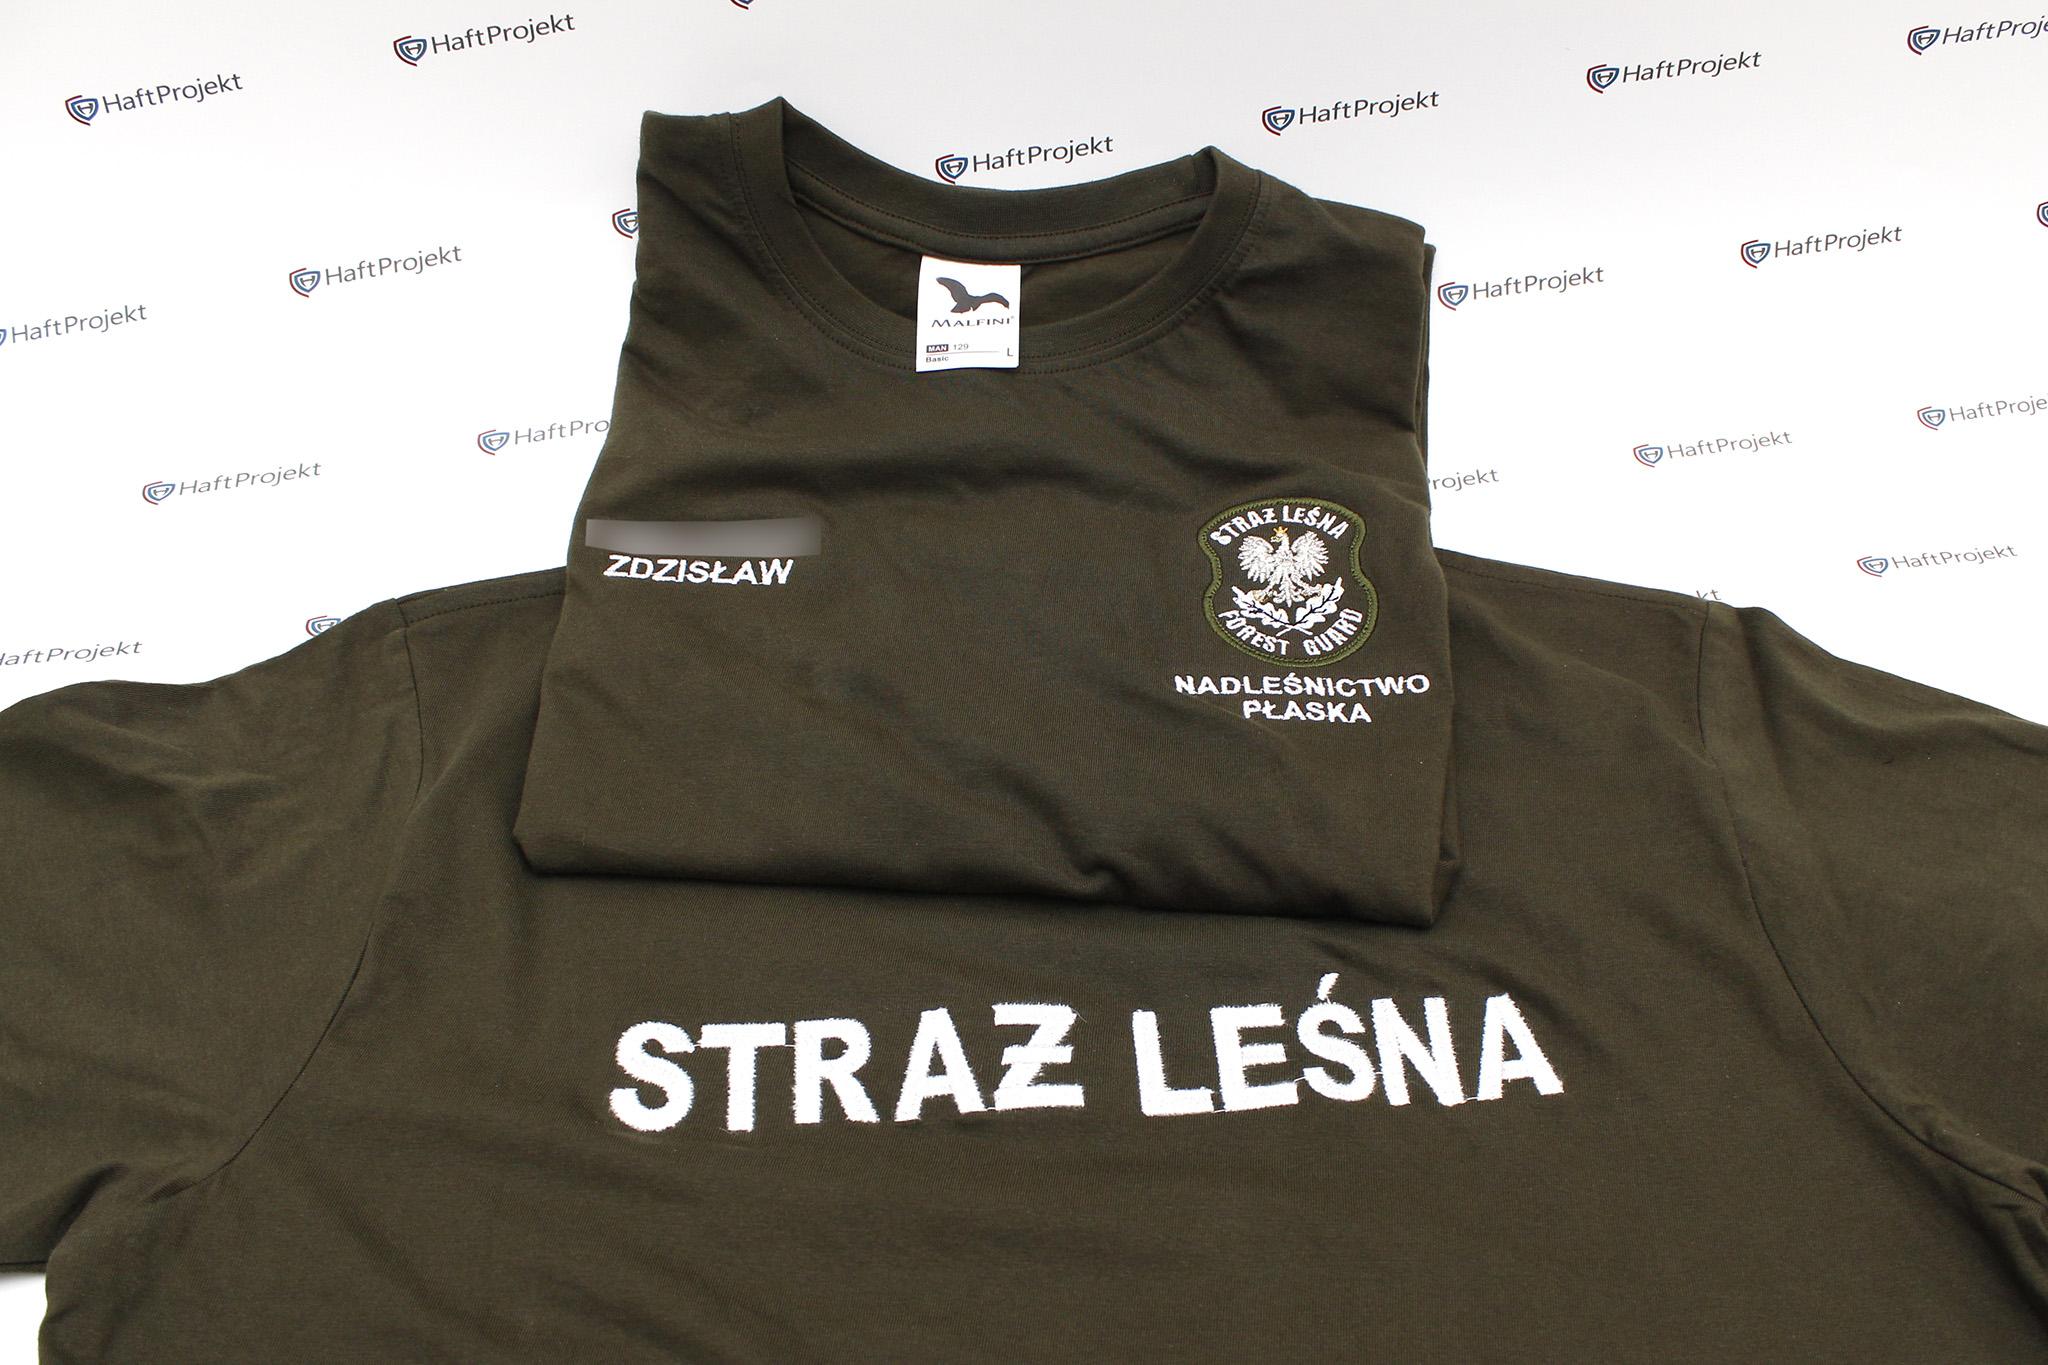 koszulki tshirt dla straży leśnej